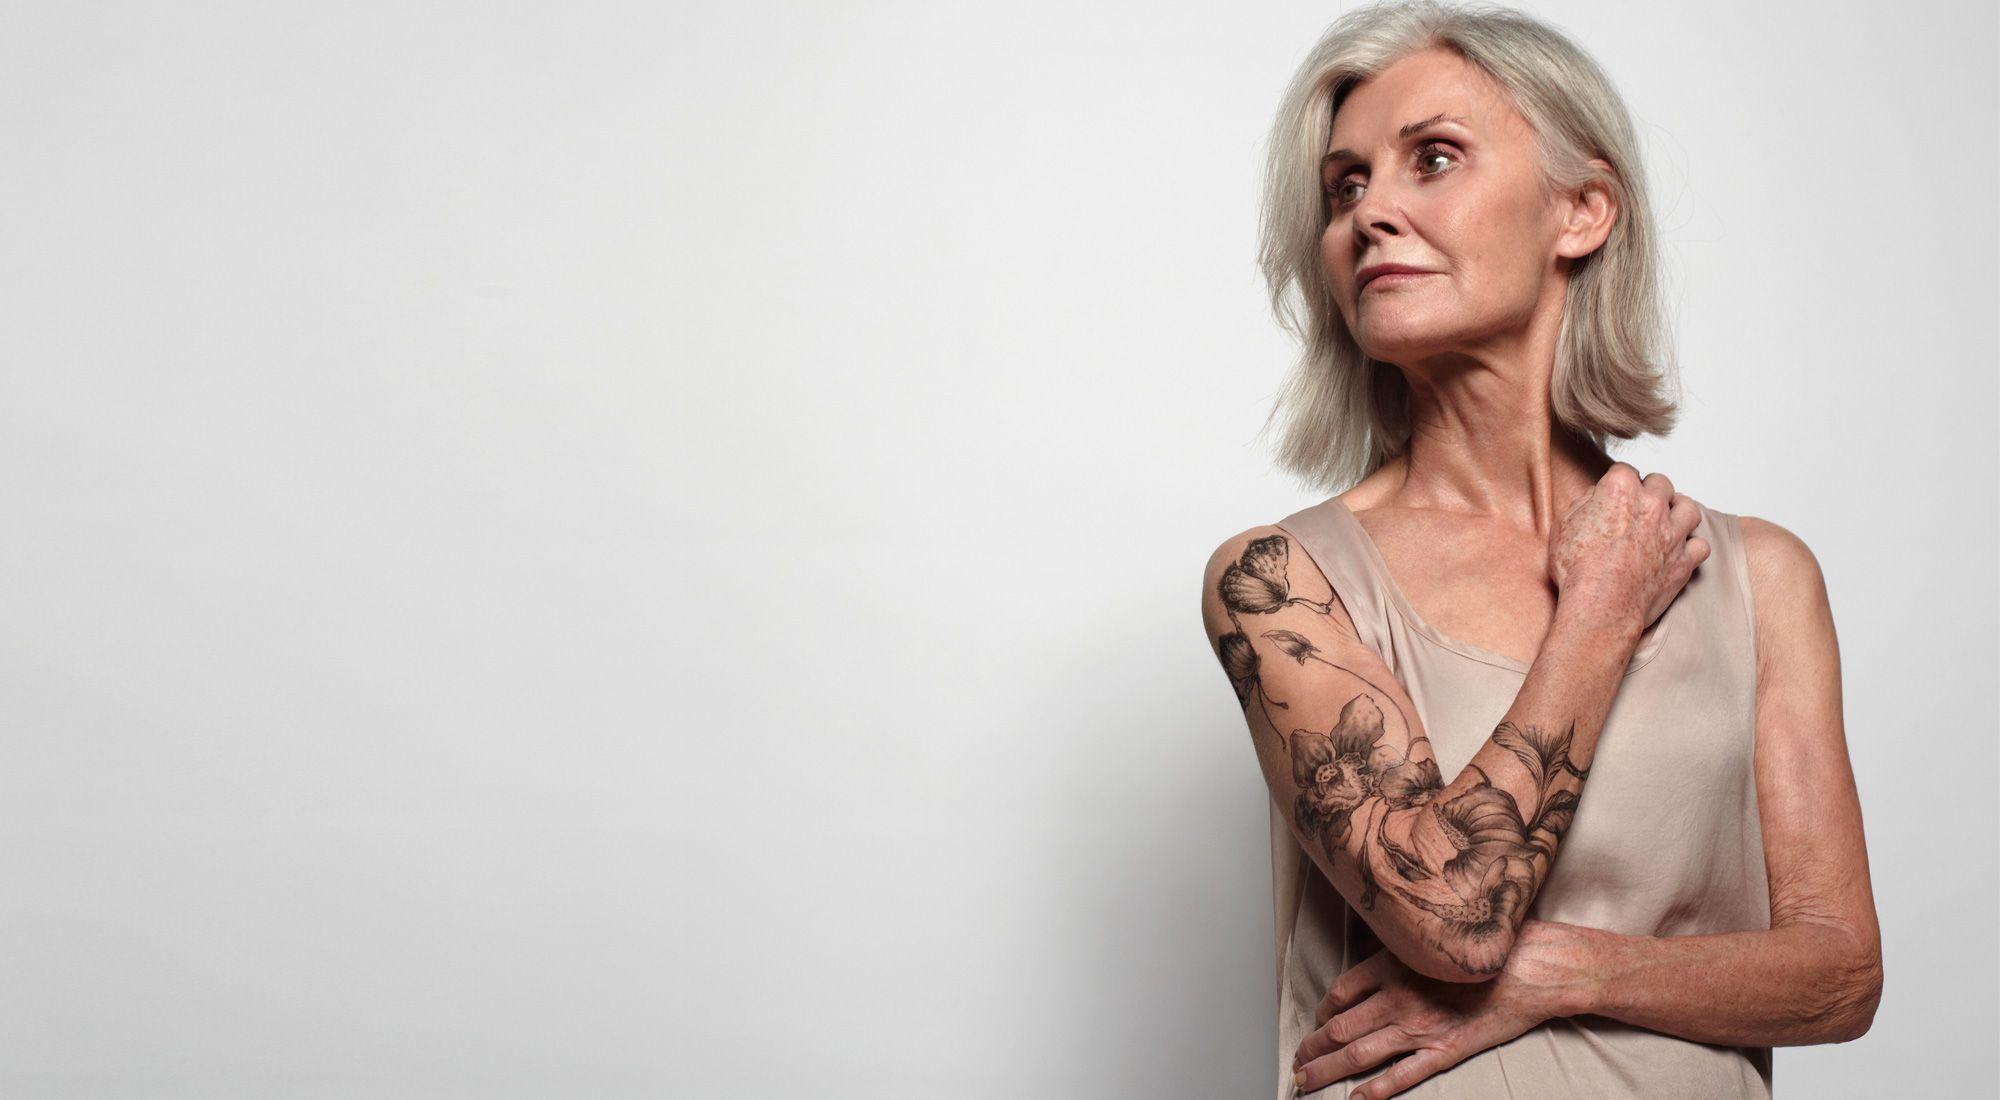 Mature tattooed women tattoo